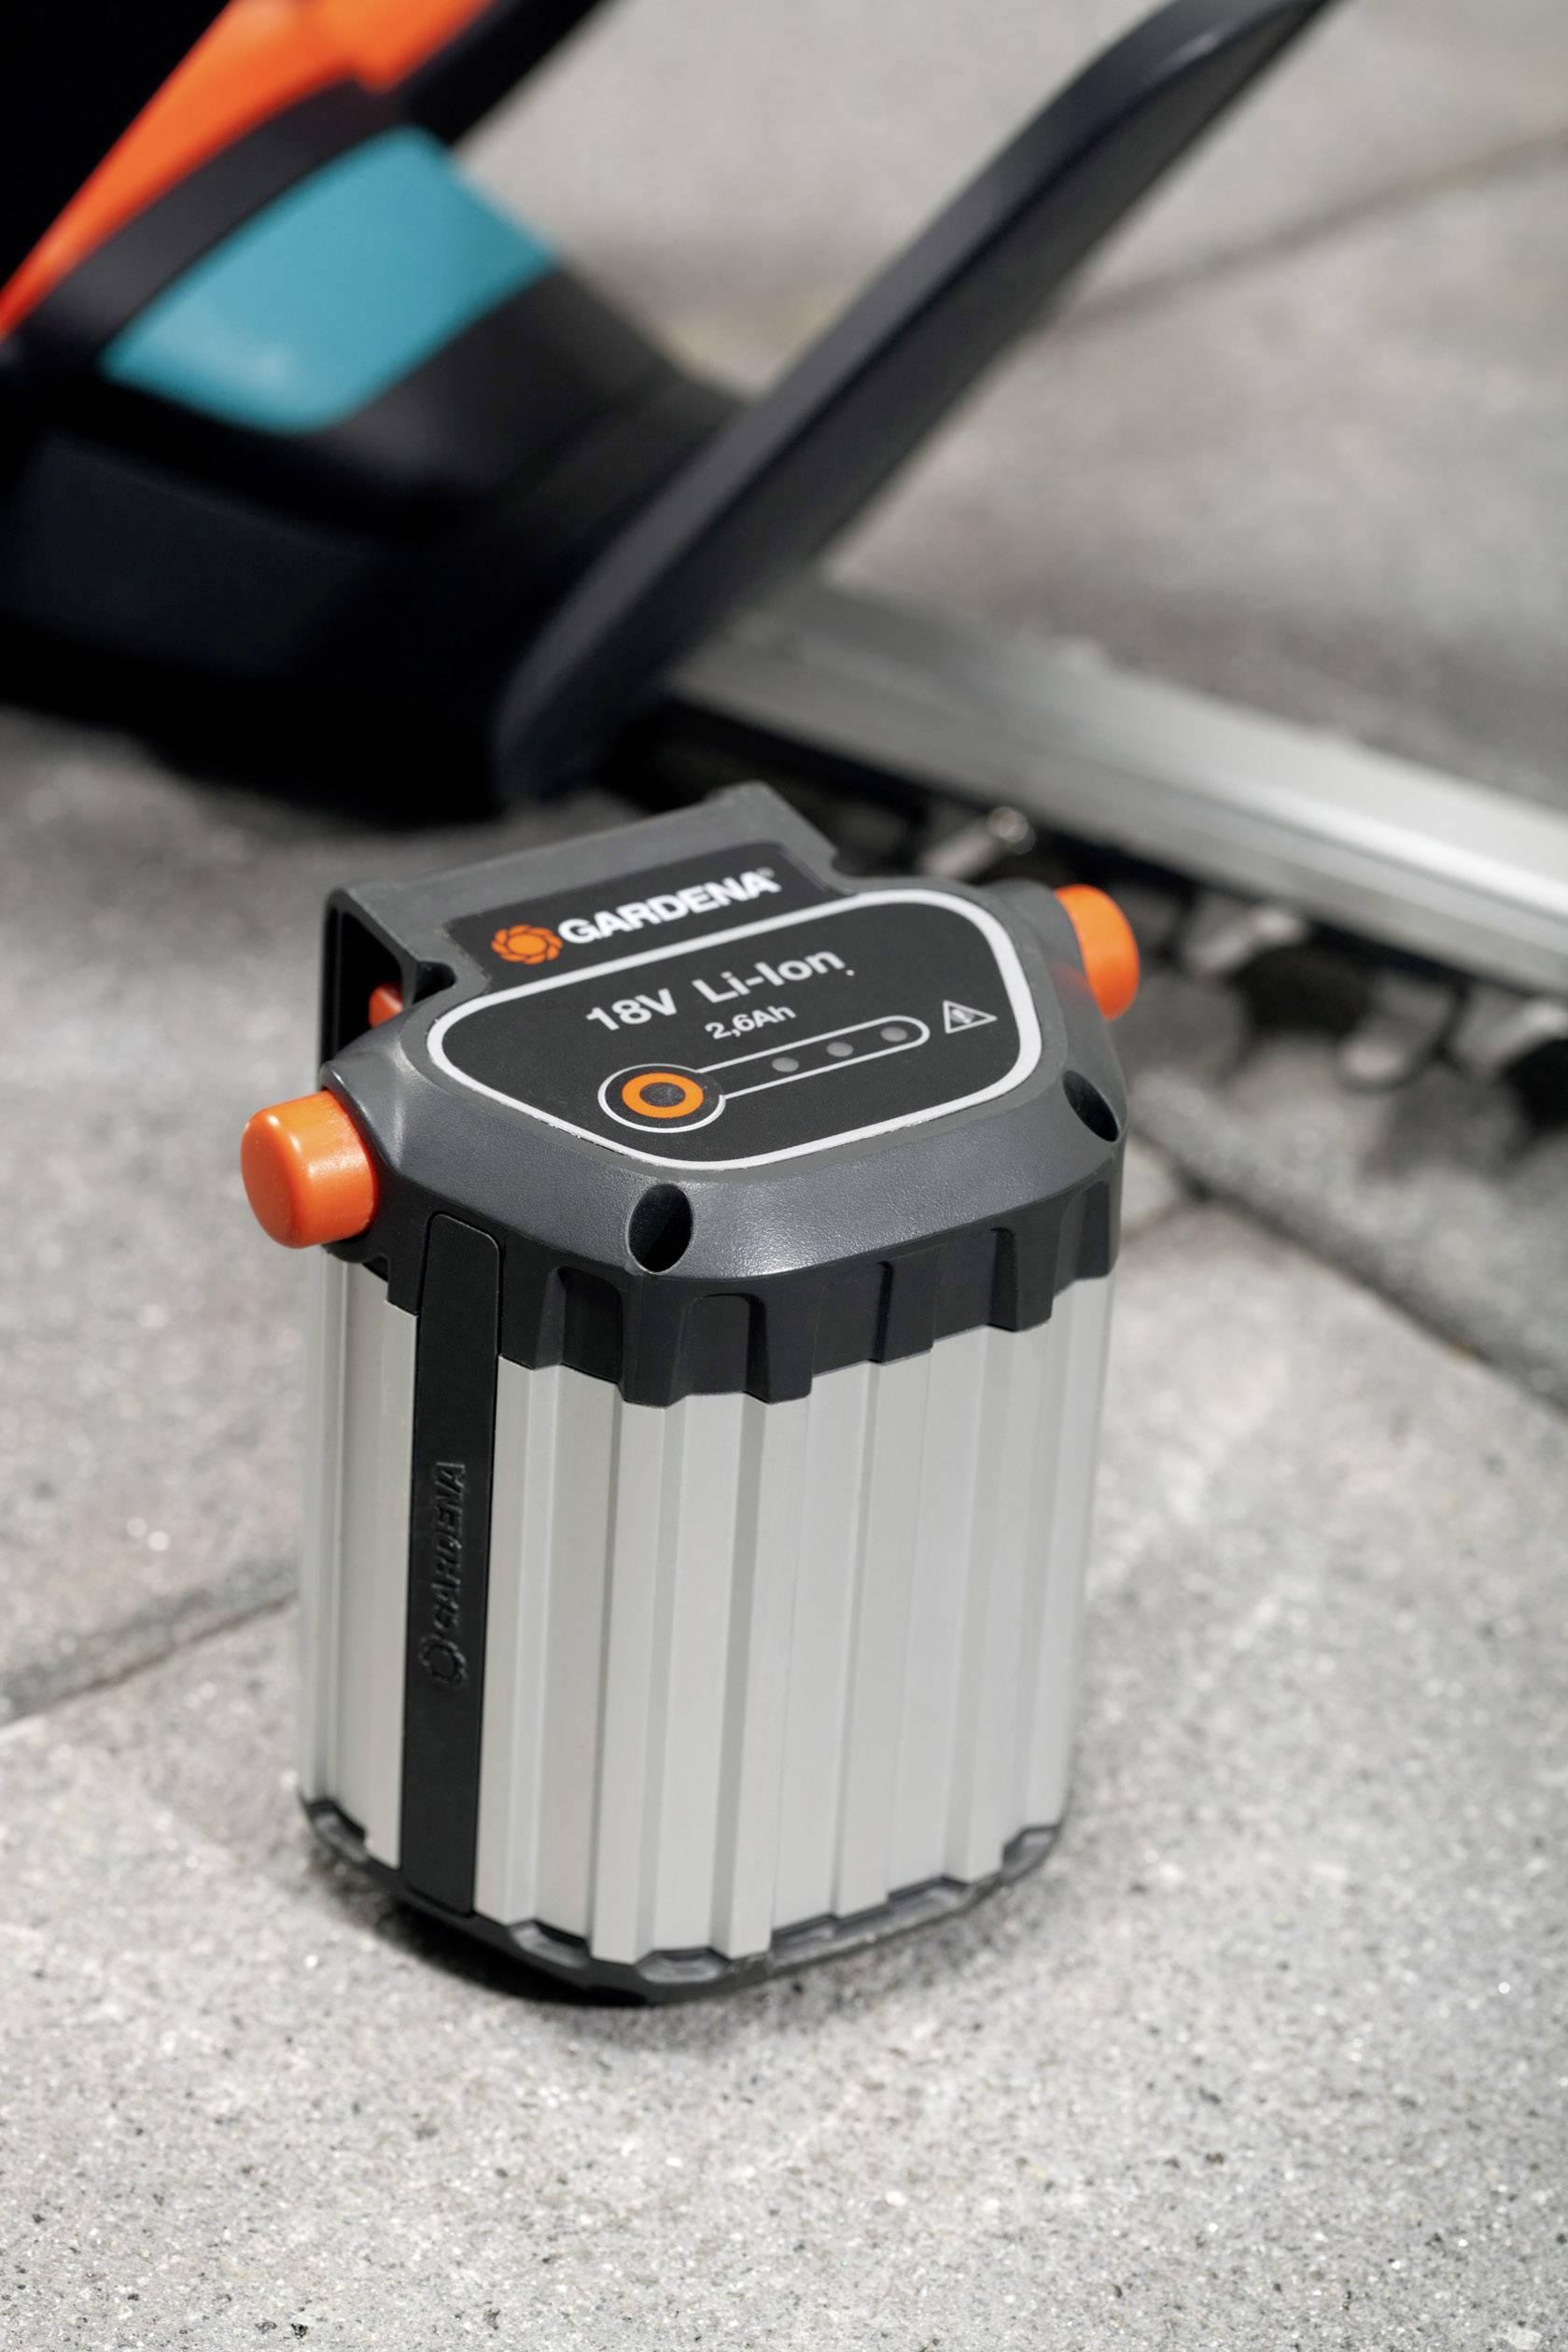 Náhradní akumulátor pro elektrické nářadí, GARDENA Akku BLi-18 09839-20, 18 V, 2.6 Ah, Li-Ion akumulátor